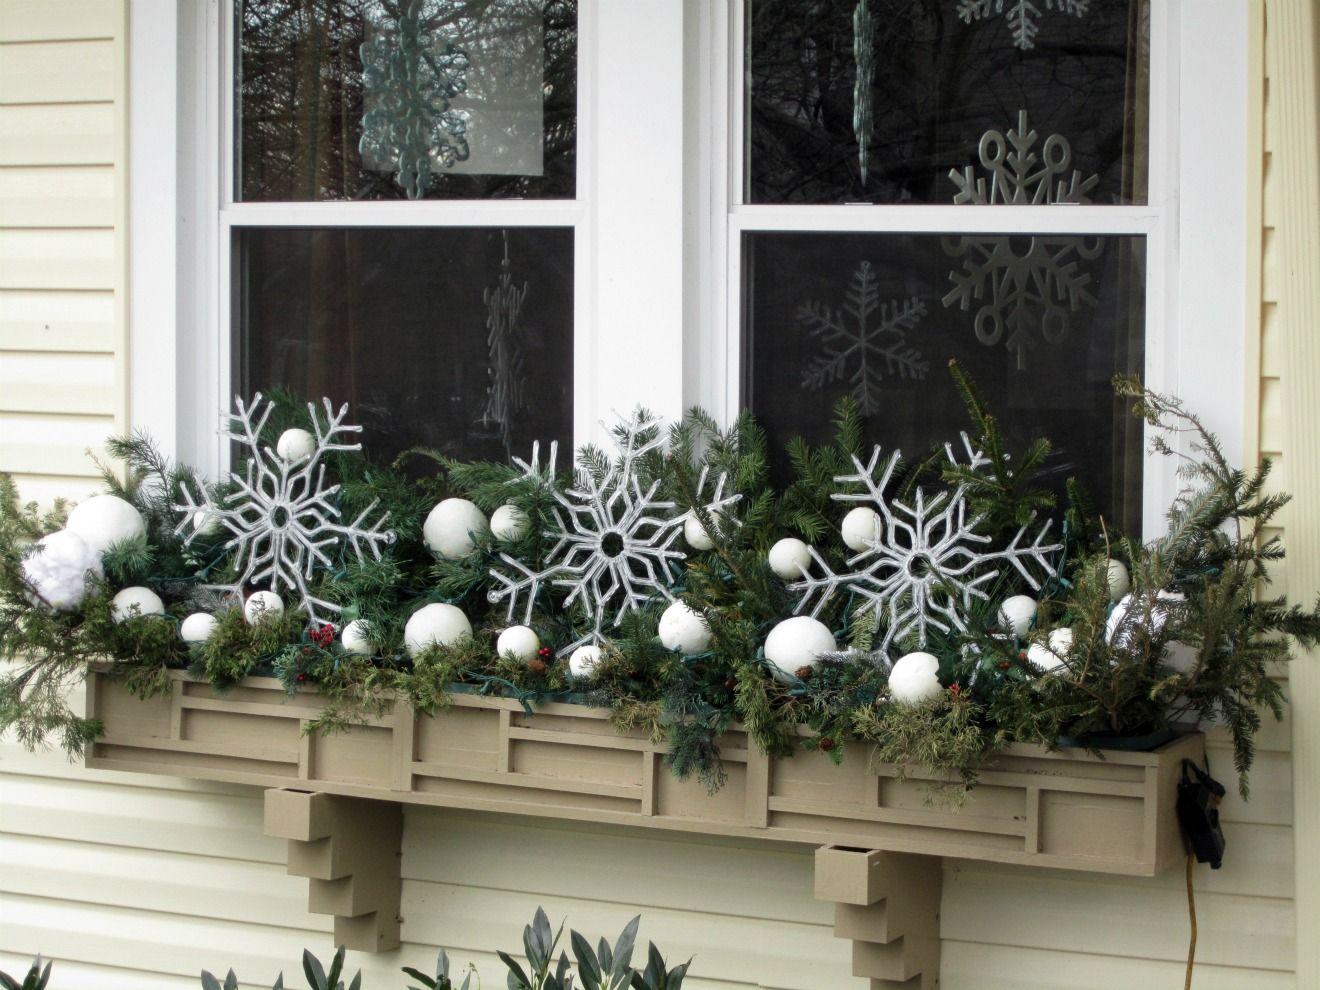 Window Box Decorated For Winter Deko Weihnachten Weihnachten